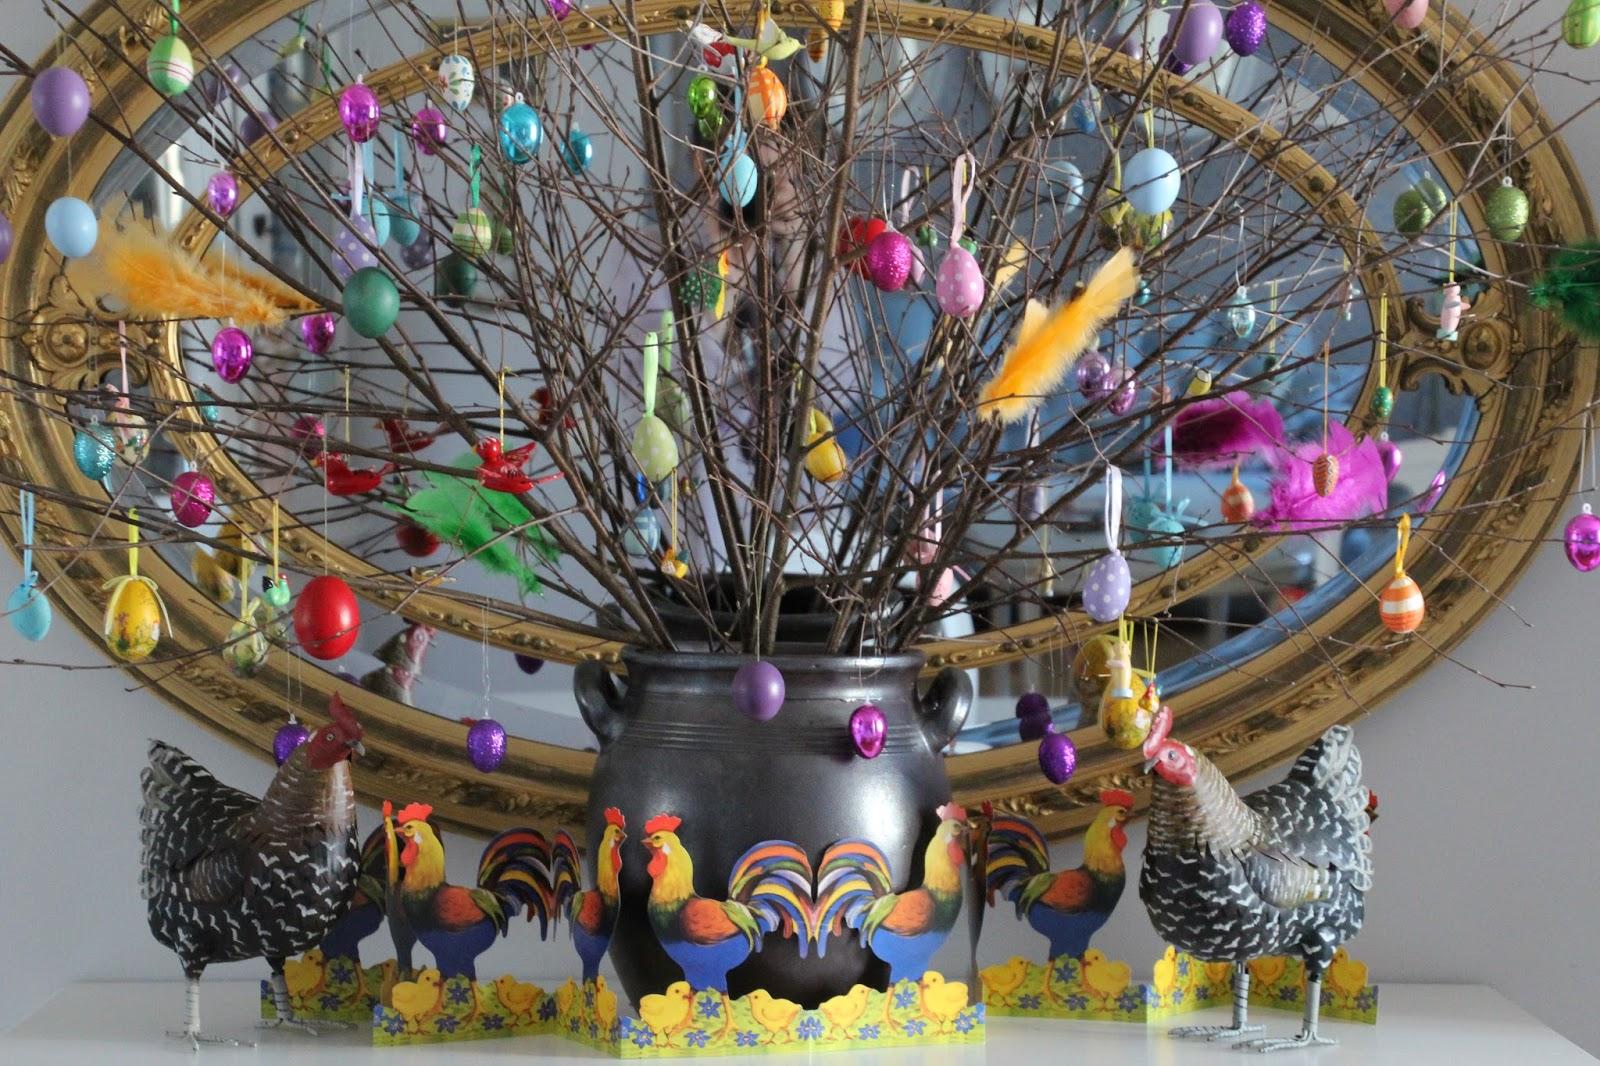 Julen varar fram till påska?